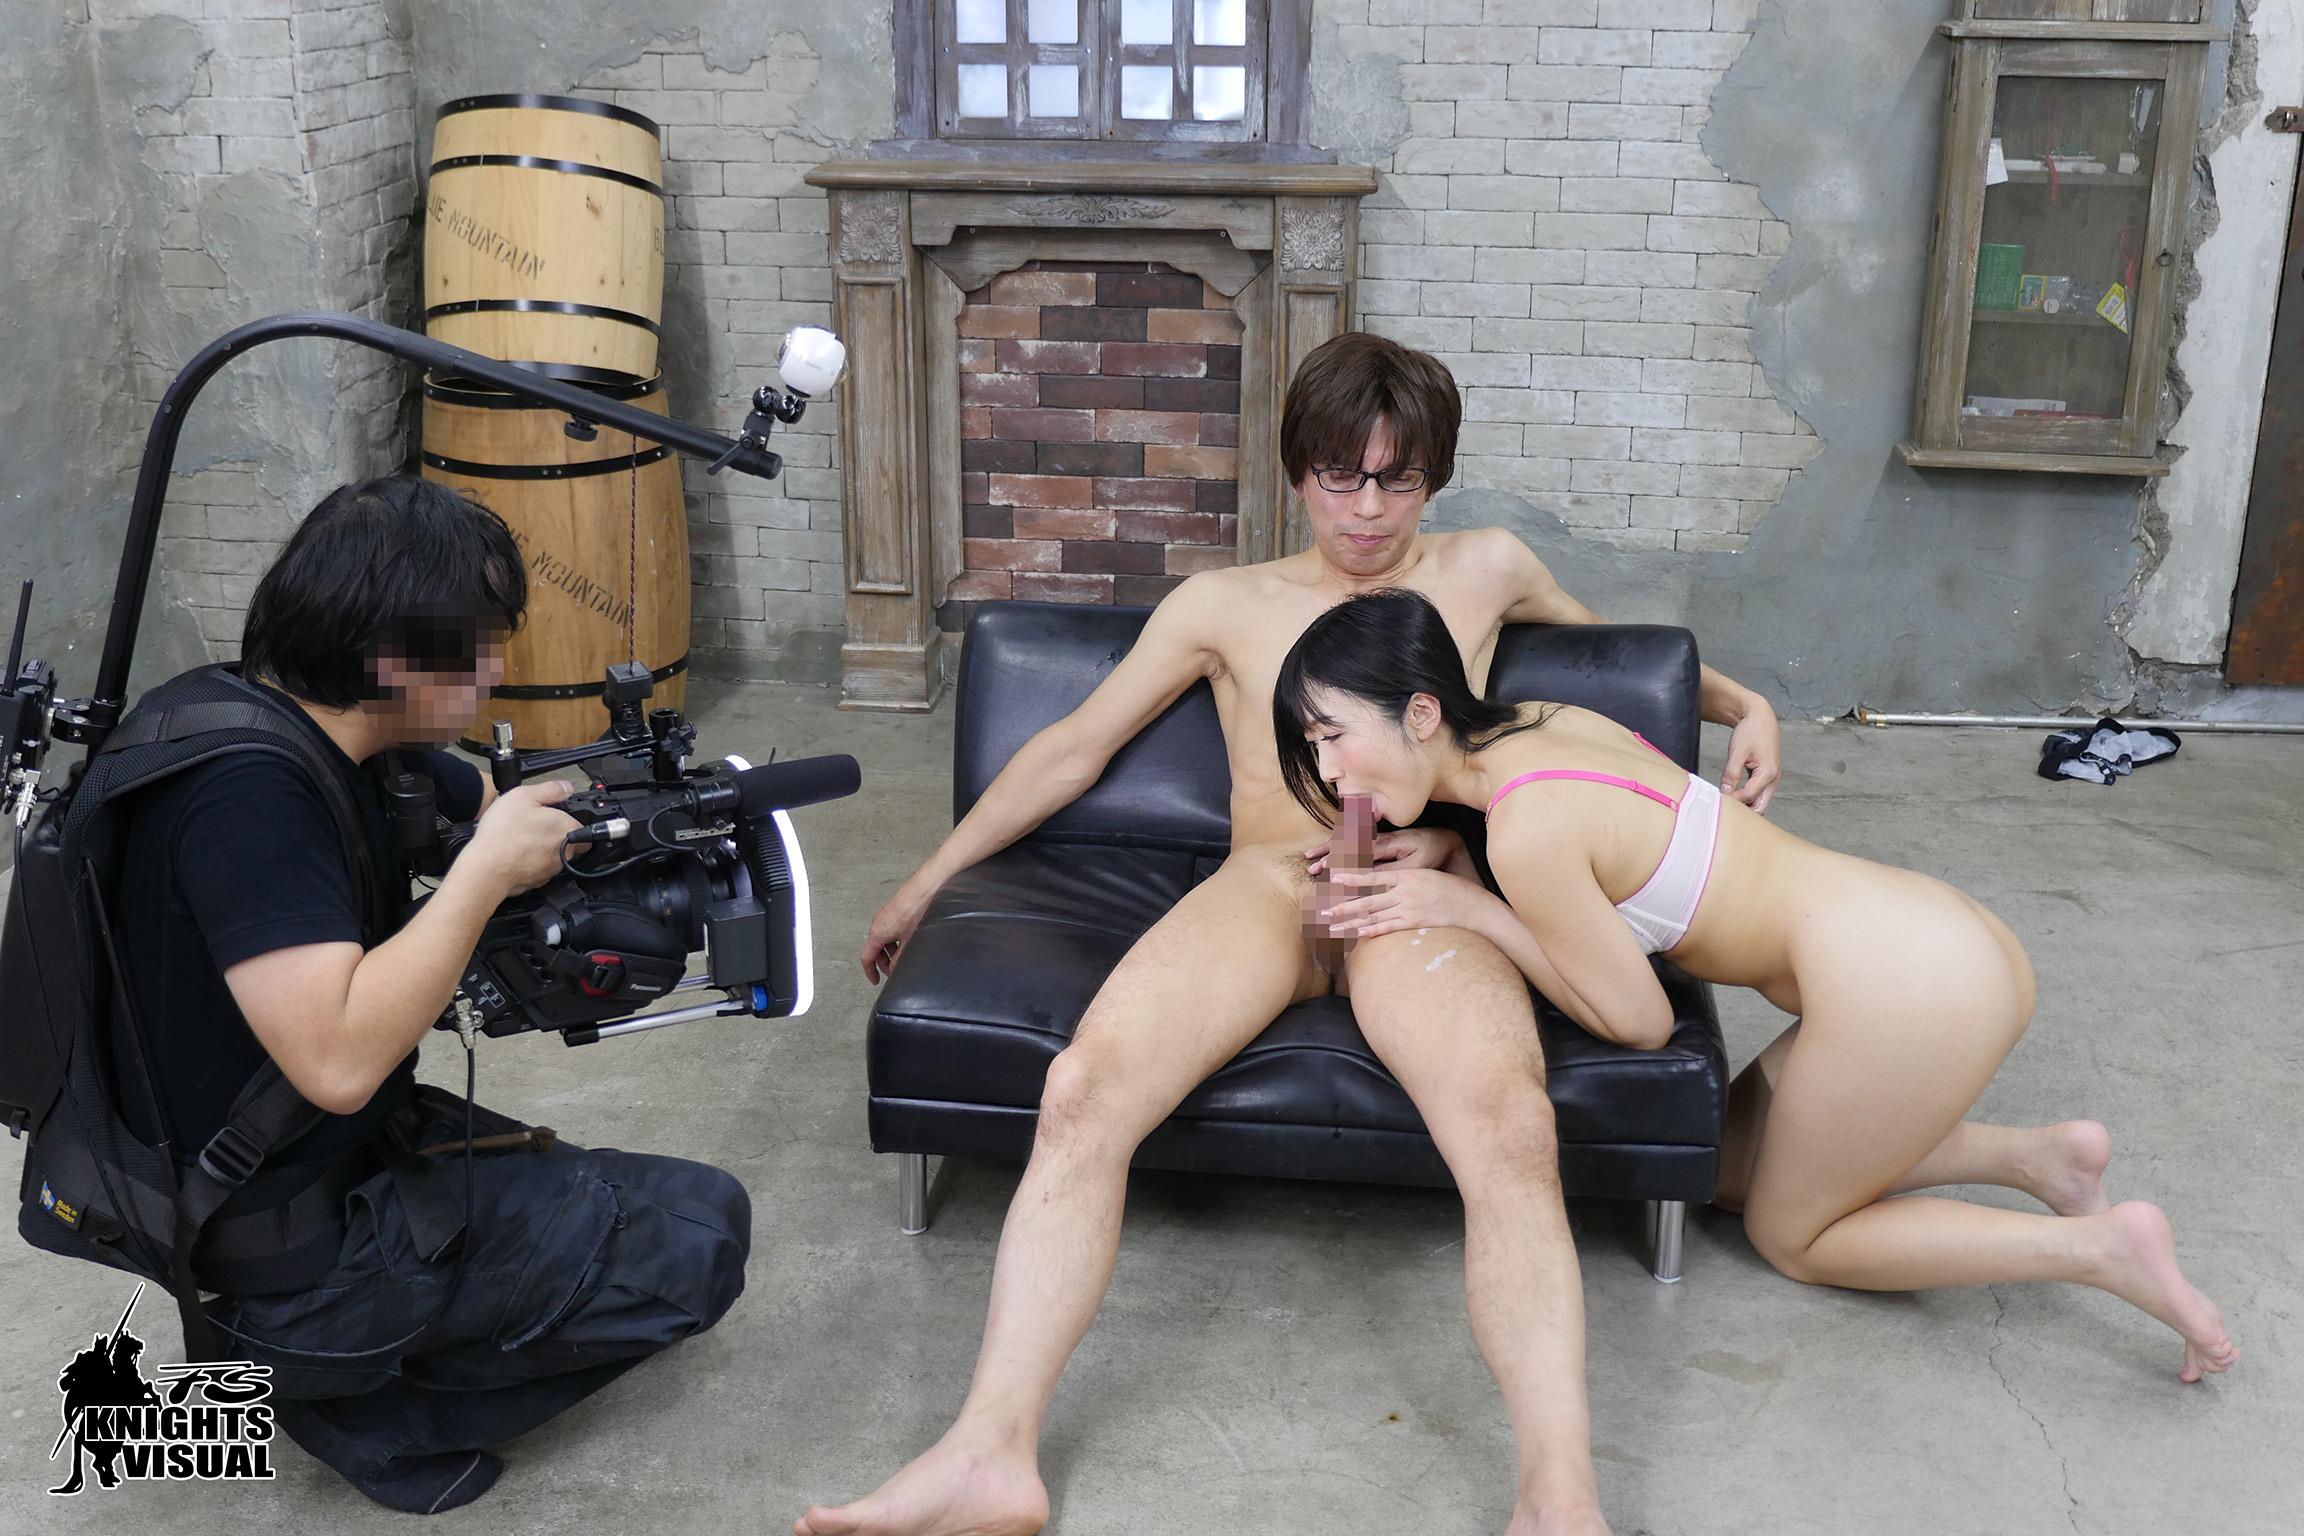 image http://scanlover.com/assets/images/274-YS5rSn51UdAAdCA7.jpeg